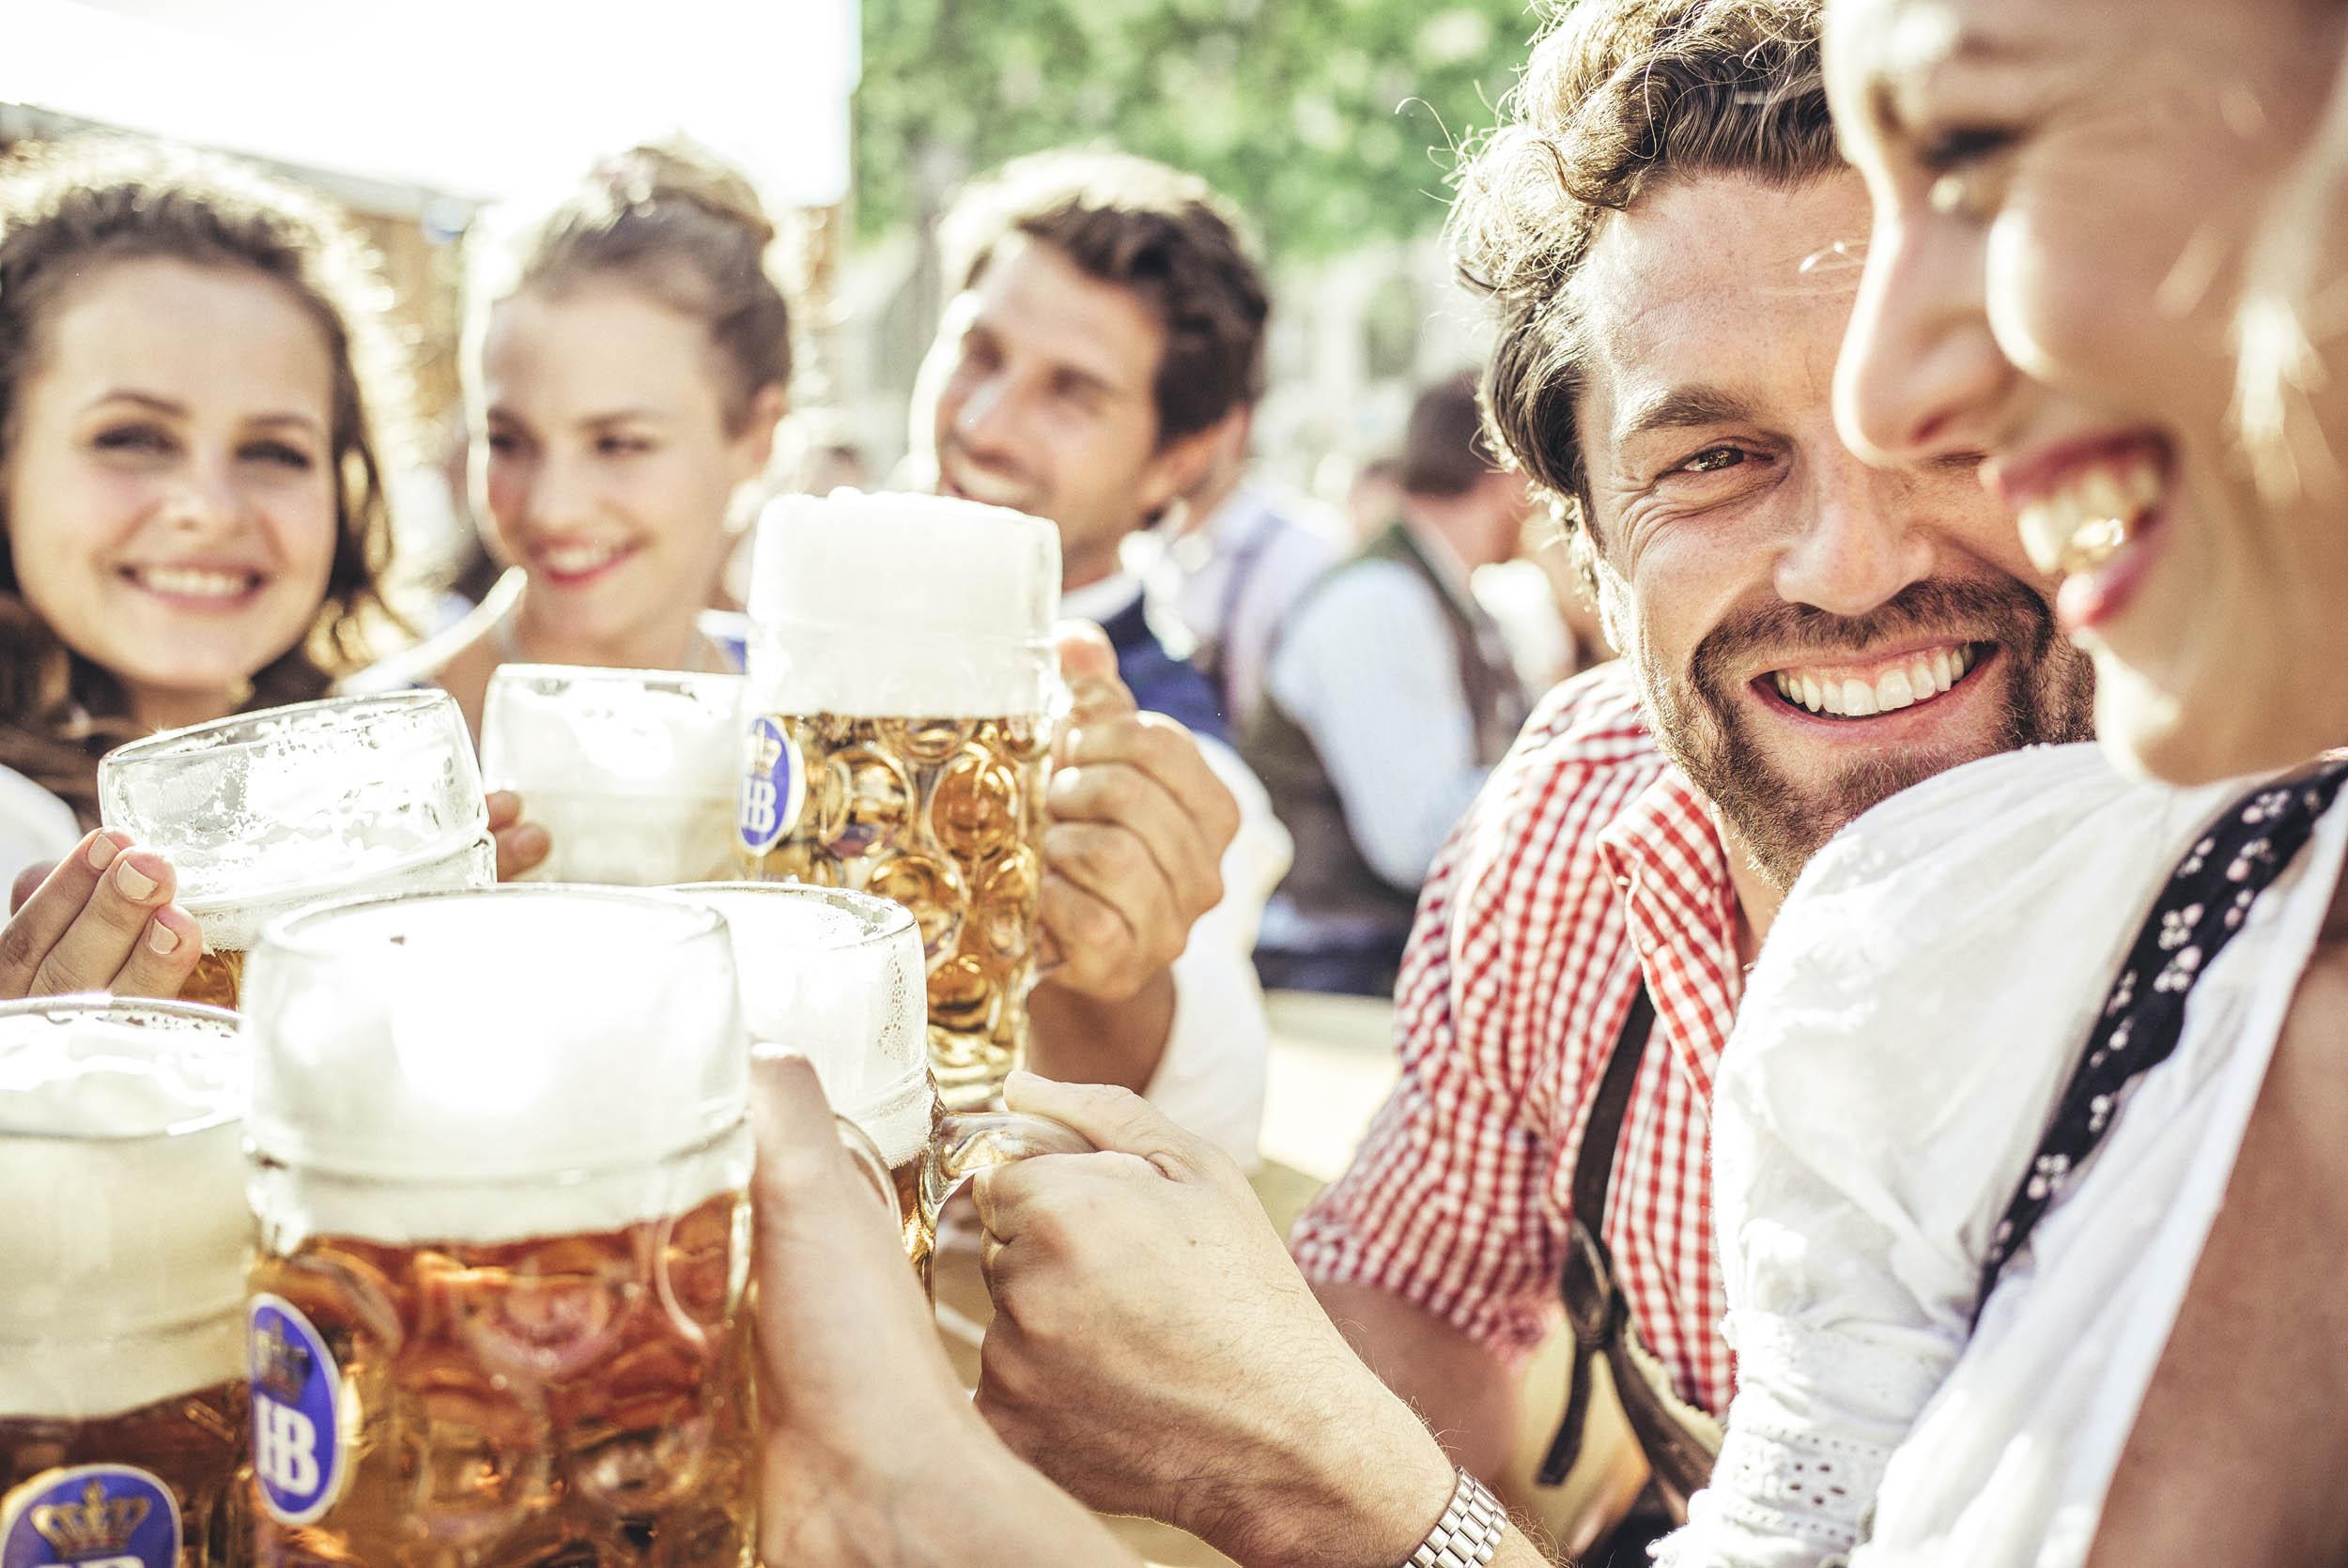 seifertuebler-lifestyle-hofbraeu-muenchen-oktoberfest-beer-04.jpg